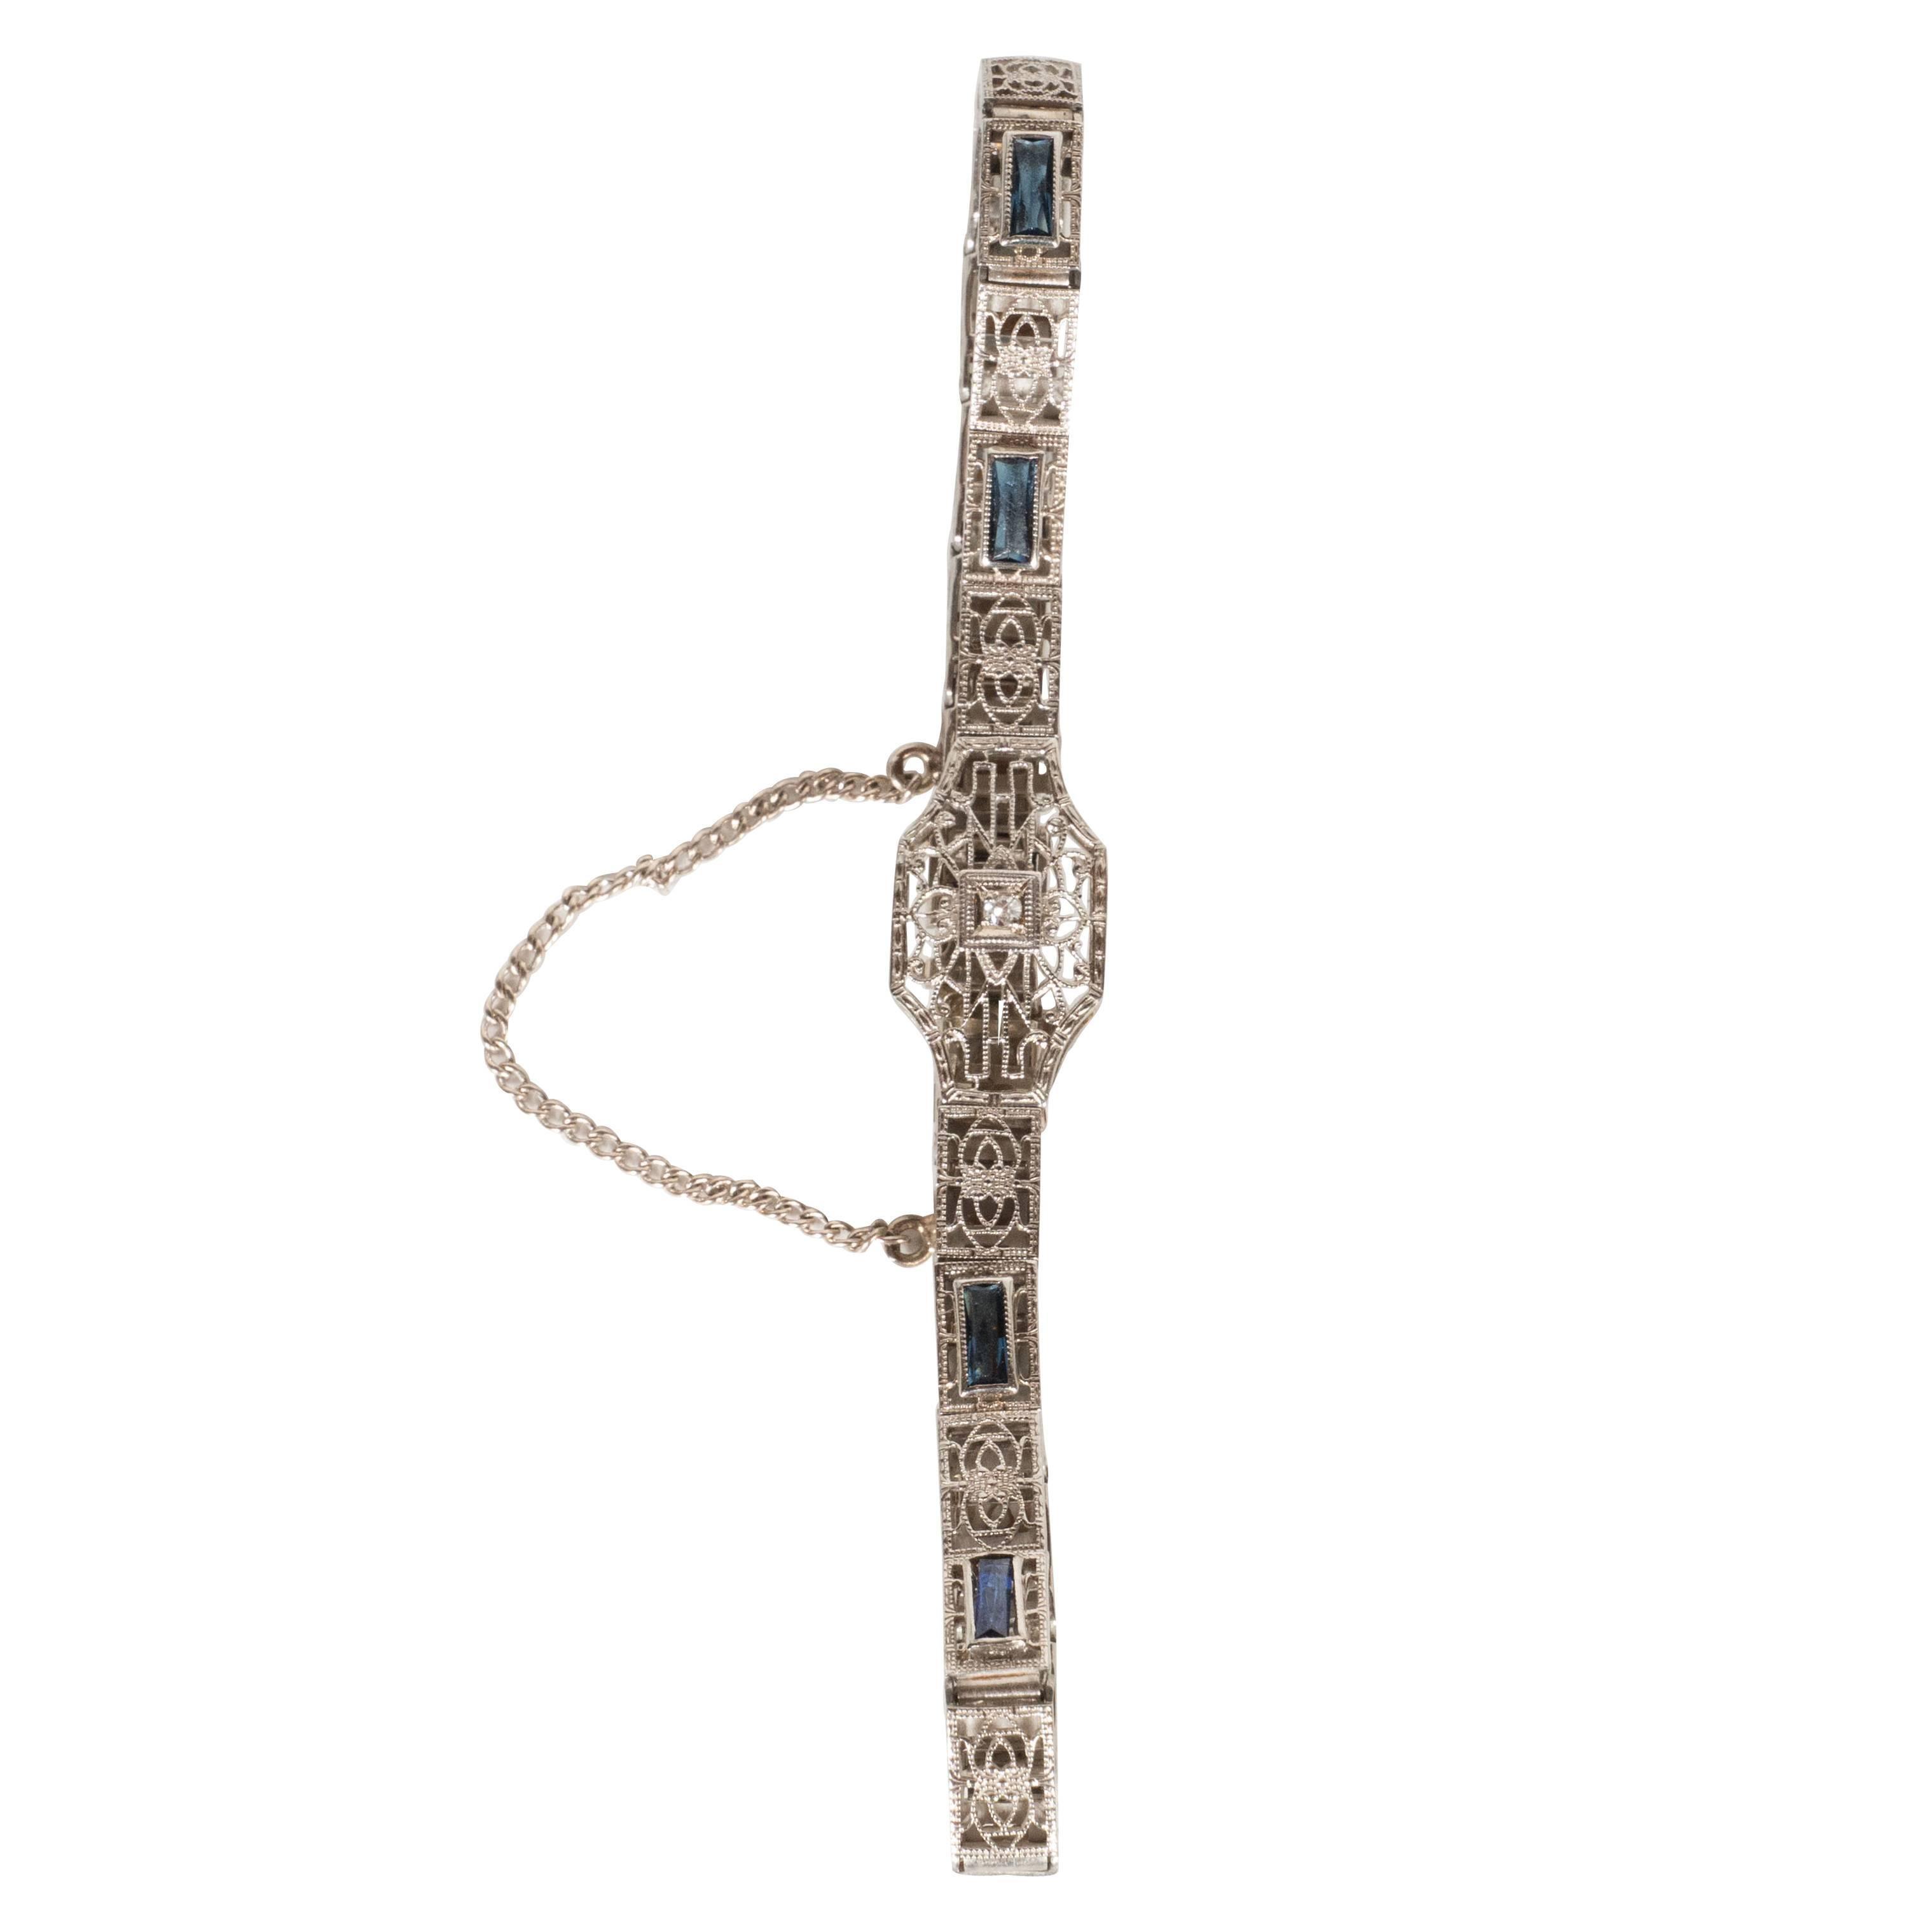 Elegant Art Deco Diamond Bracelet in Filigreed White Gold